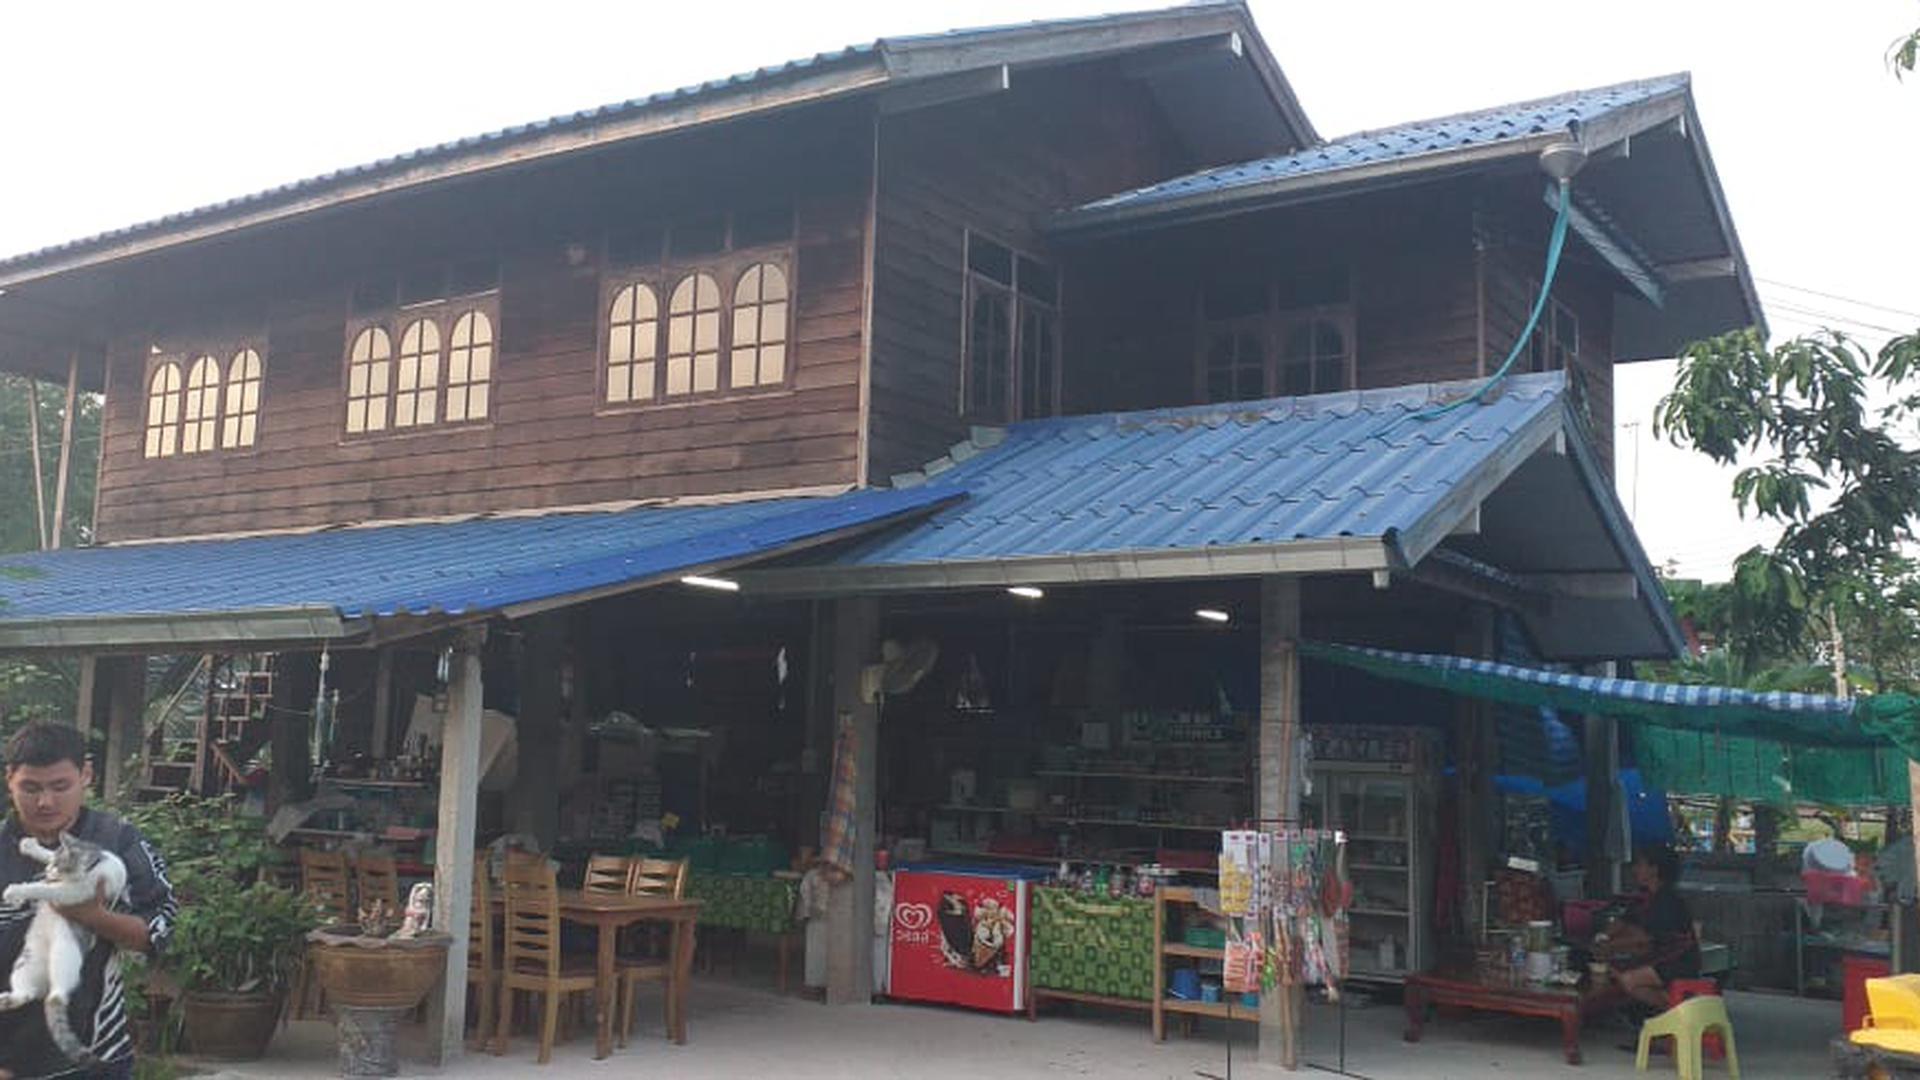 Das neue Thailokal im Norden Thailands von außen.